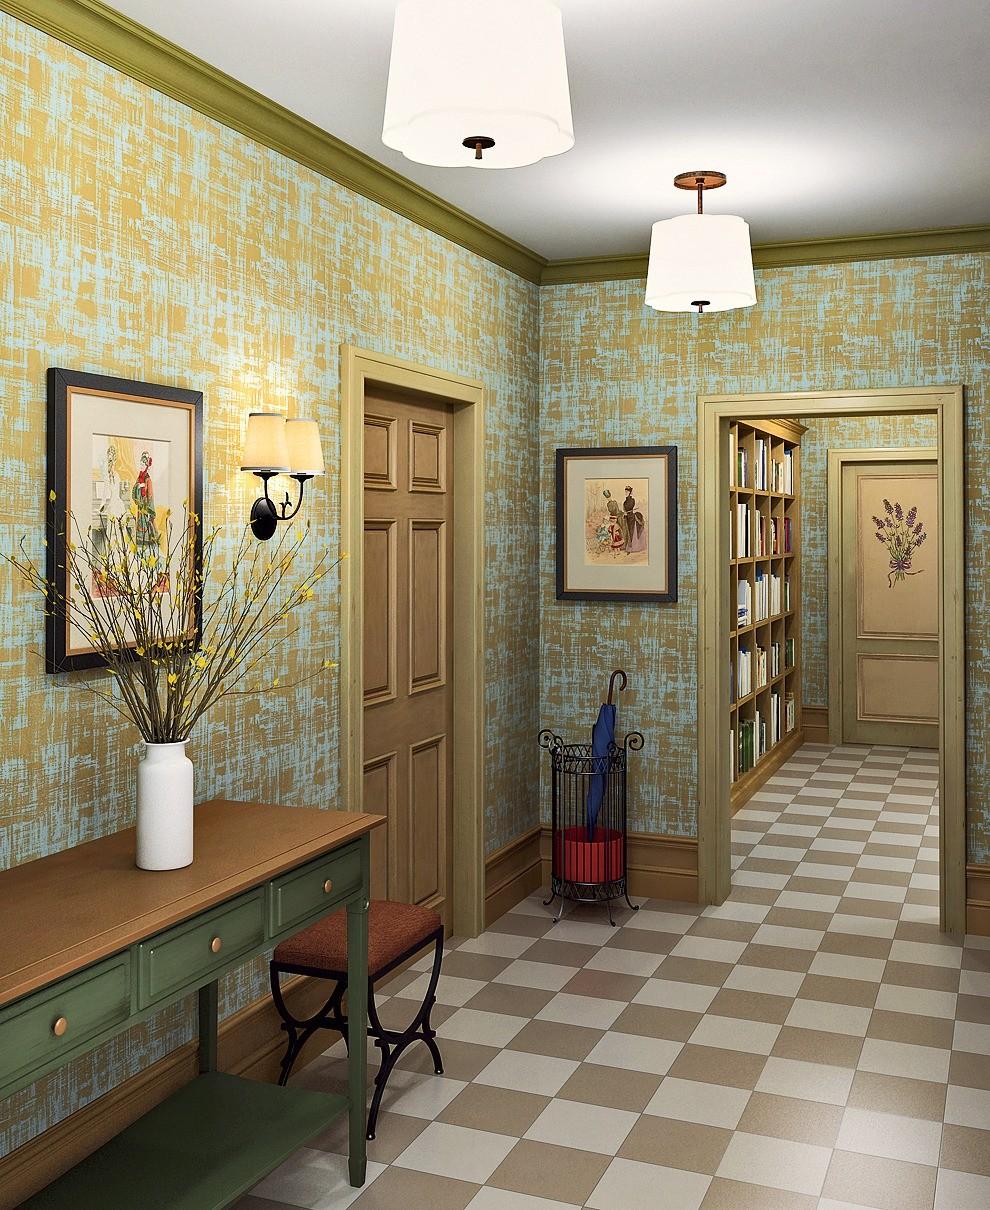 Вдоль образовавшейся в результате перепланировки глухой стены с обеих сторон устанавливаются шкафы, которые улучшают шумоизоляцию комнаты. Между парными шкафами с распашными дверцами разм...